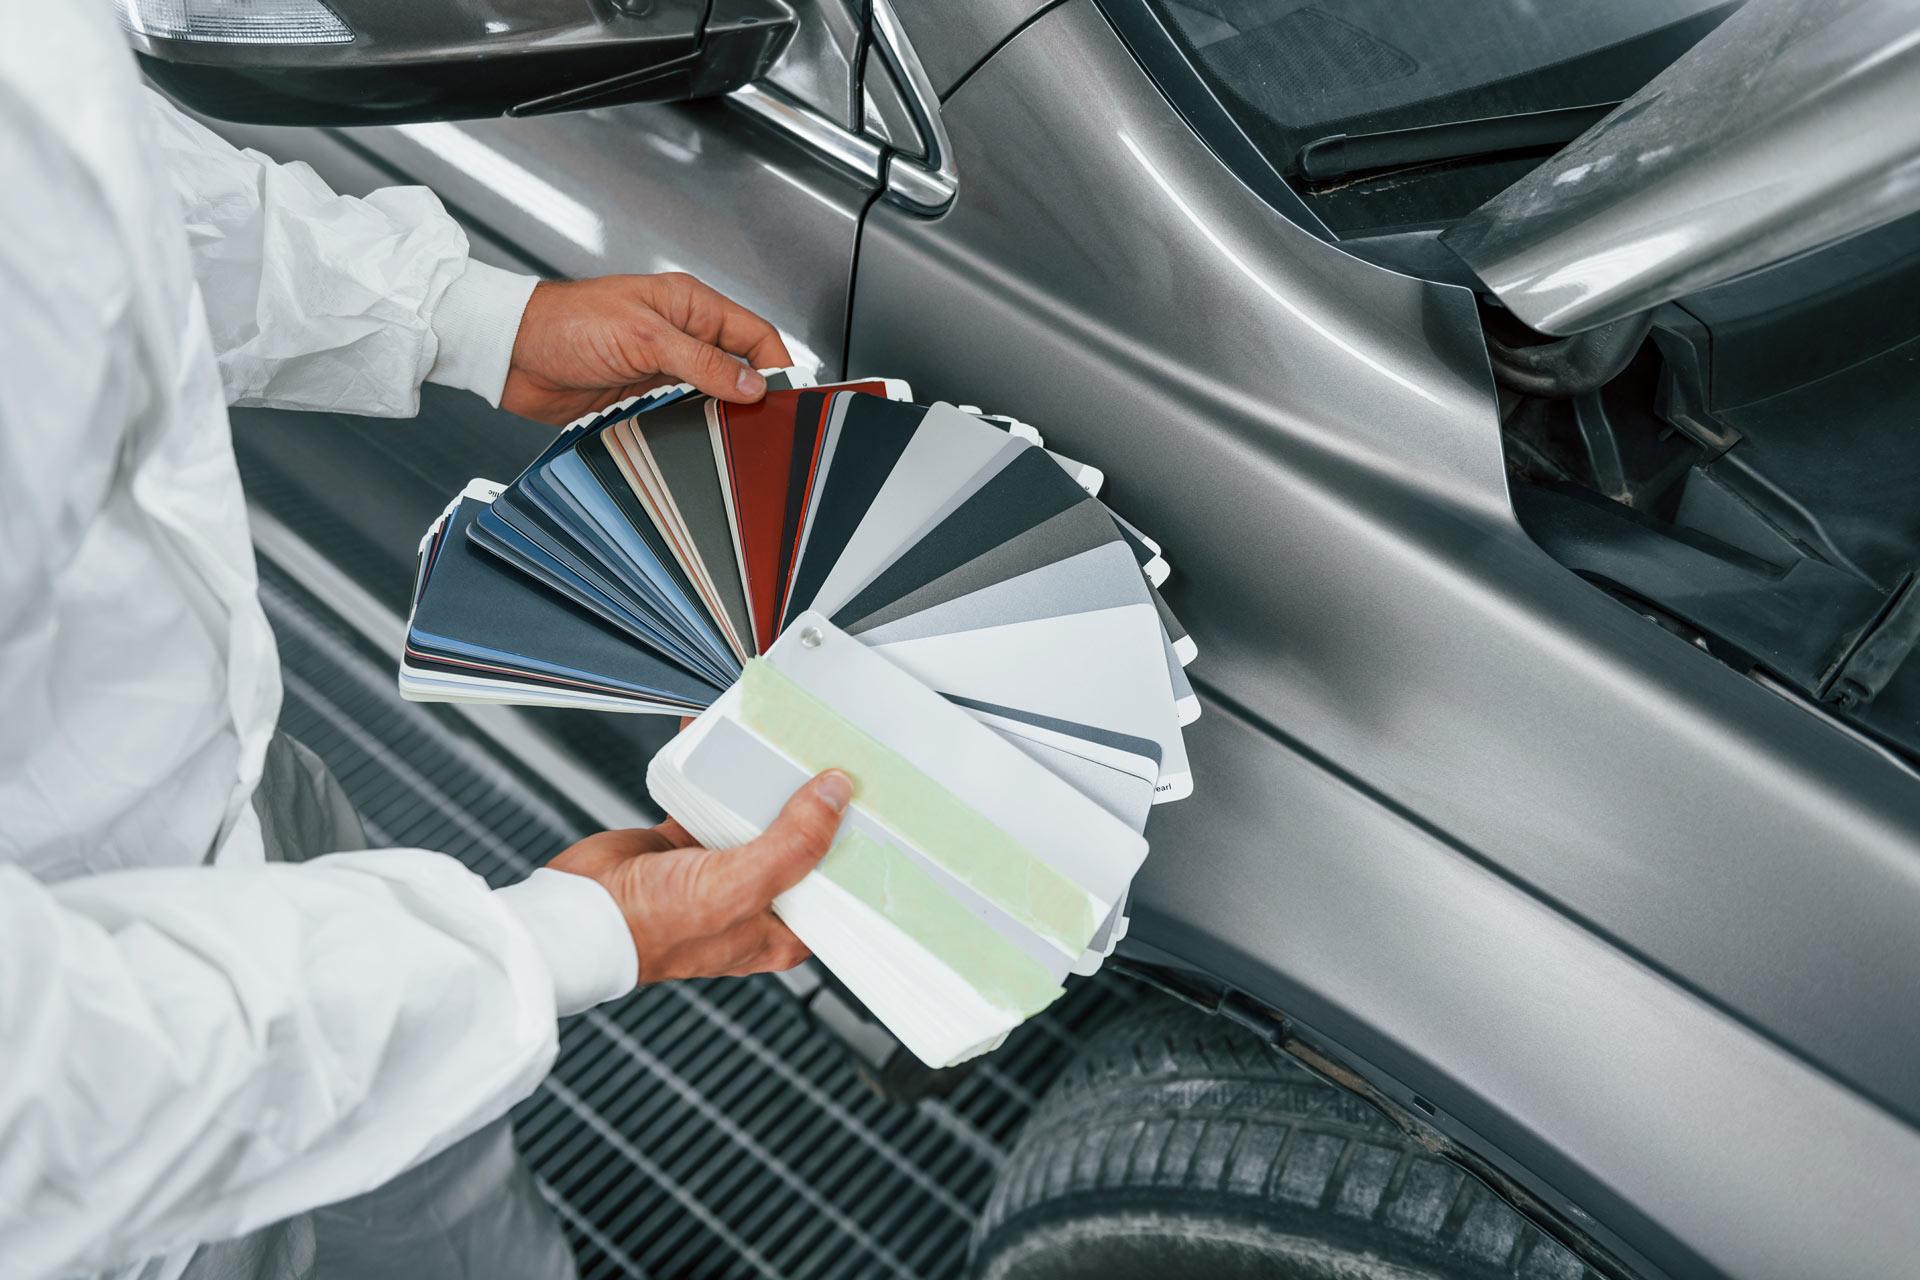 RAL-Farbkarte zur Auswahl des richtigen Lacks